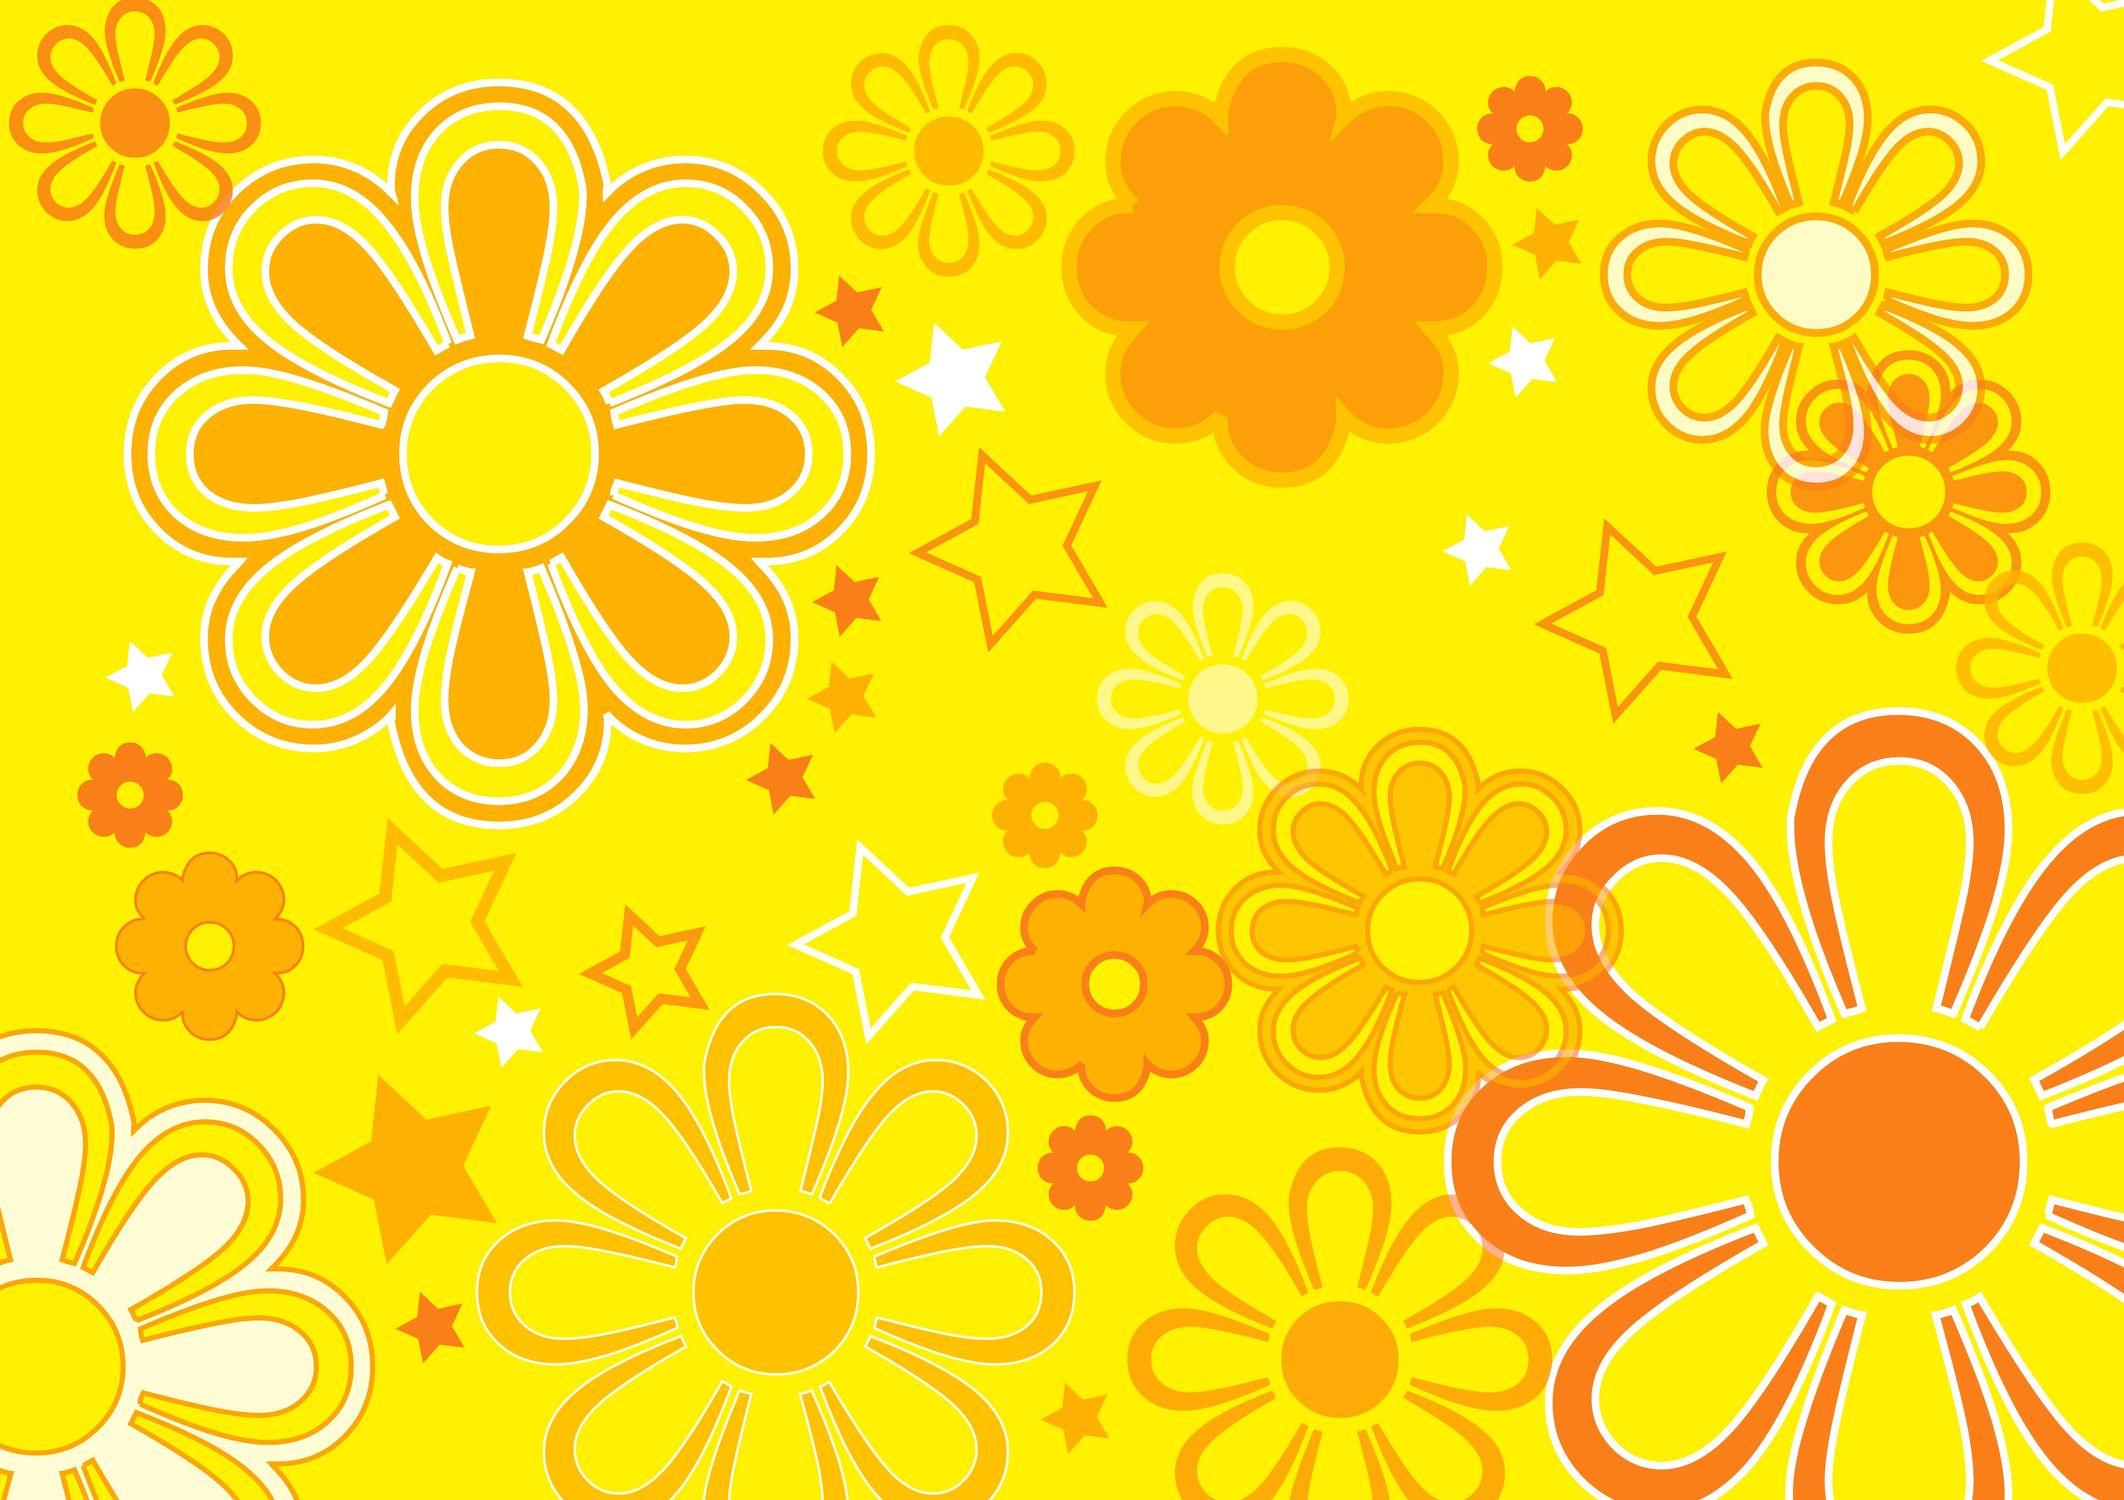 Bild mit Farben, Orange, Gelb, Kunst, Natur, Pflanzen, Blumen, Illustration, Abstrakt, Abstrakte Kunst, Abstrakte Malerei, Kunstwerk, Retro